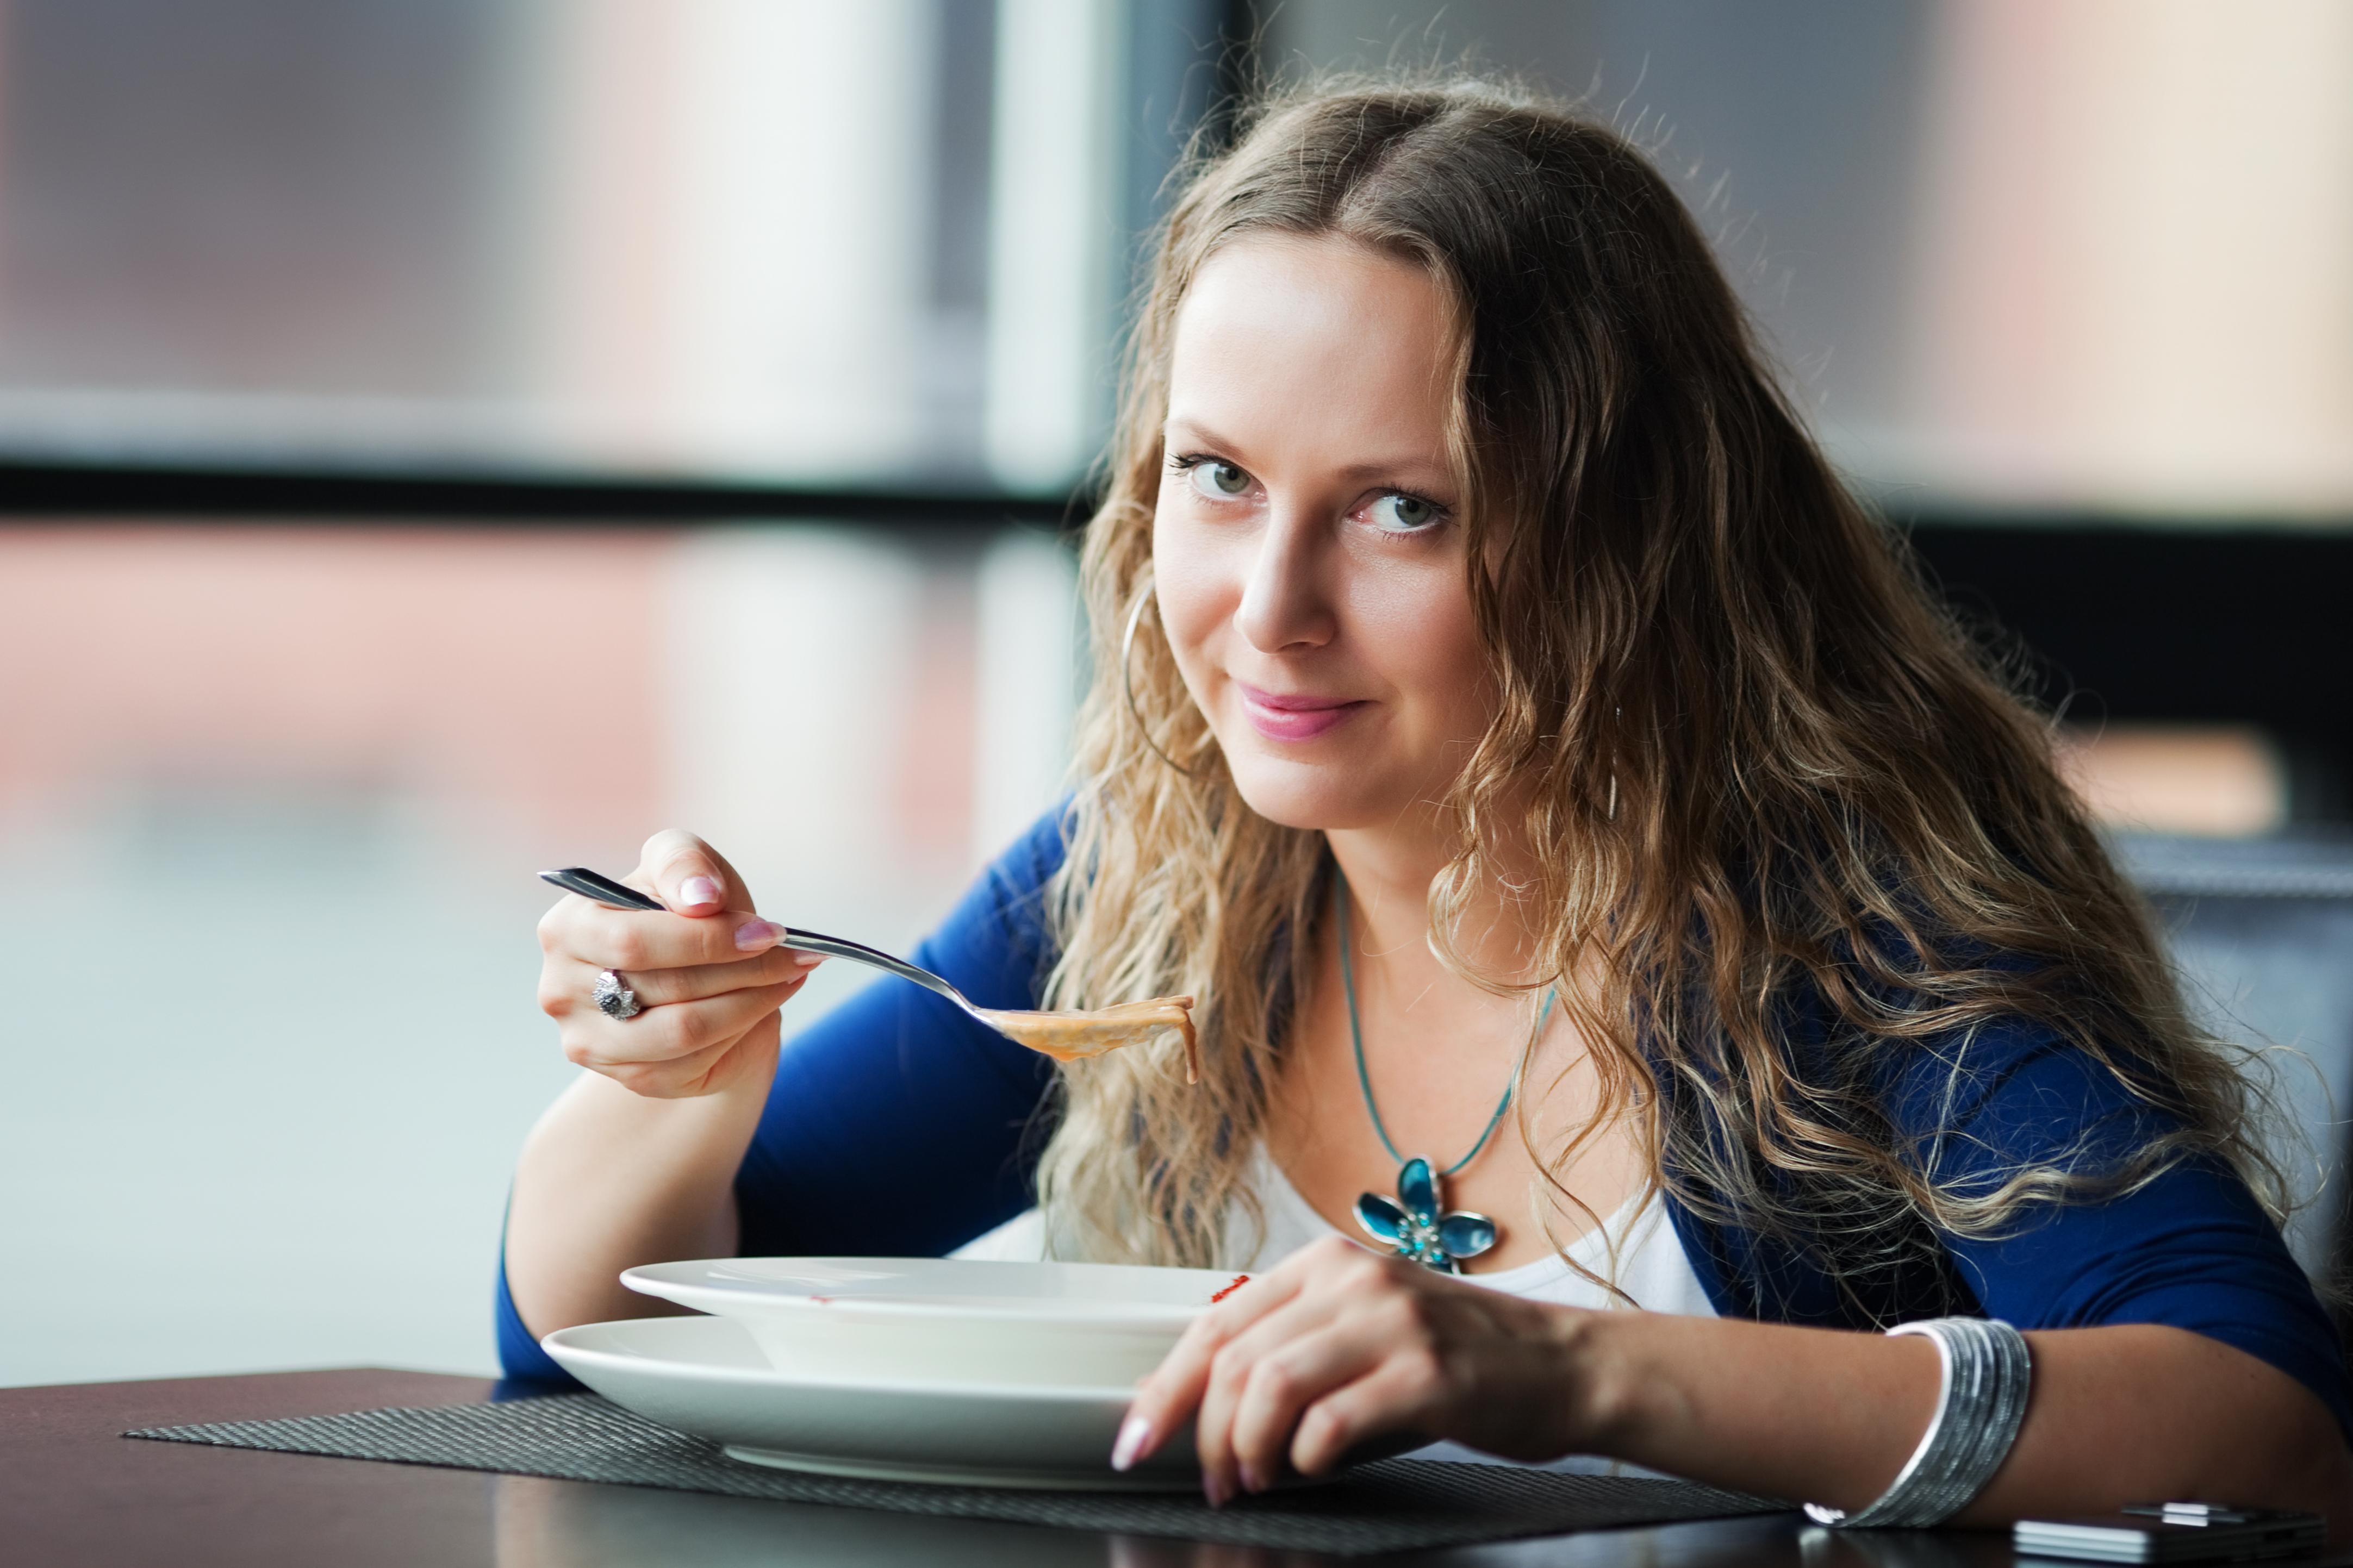 Lågkaloridieter finns till exempel som shakes och soppor och kan ersätta samtliga måltider under en period.